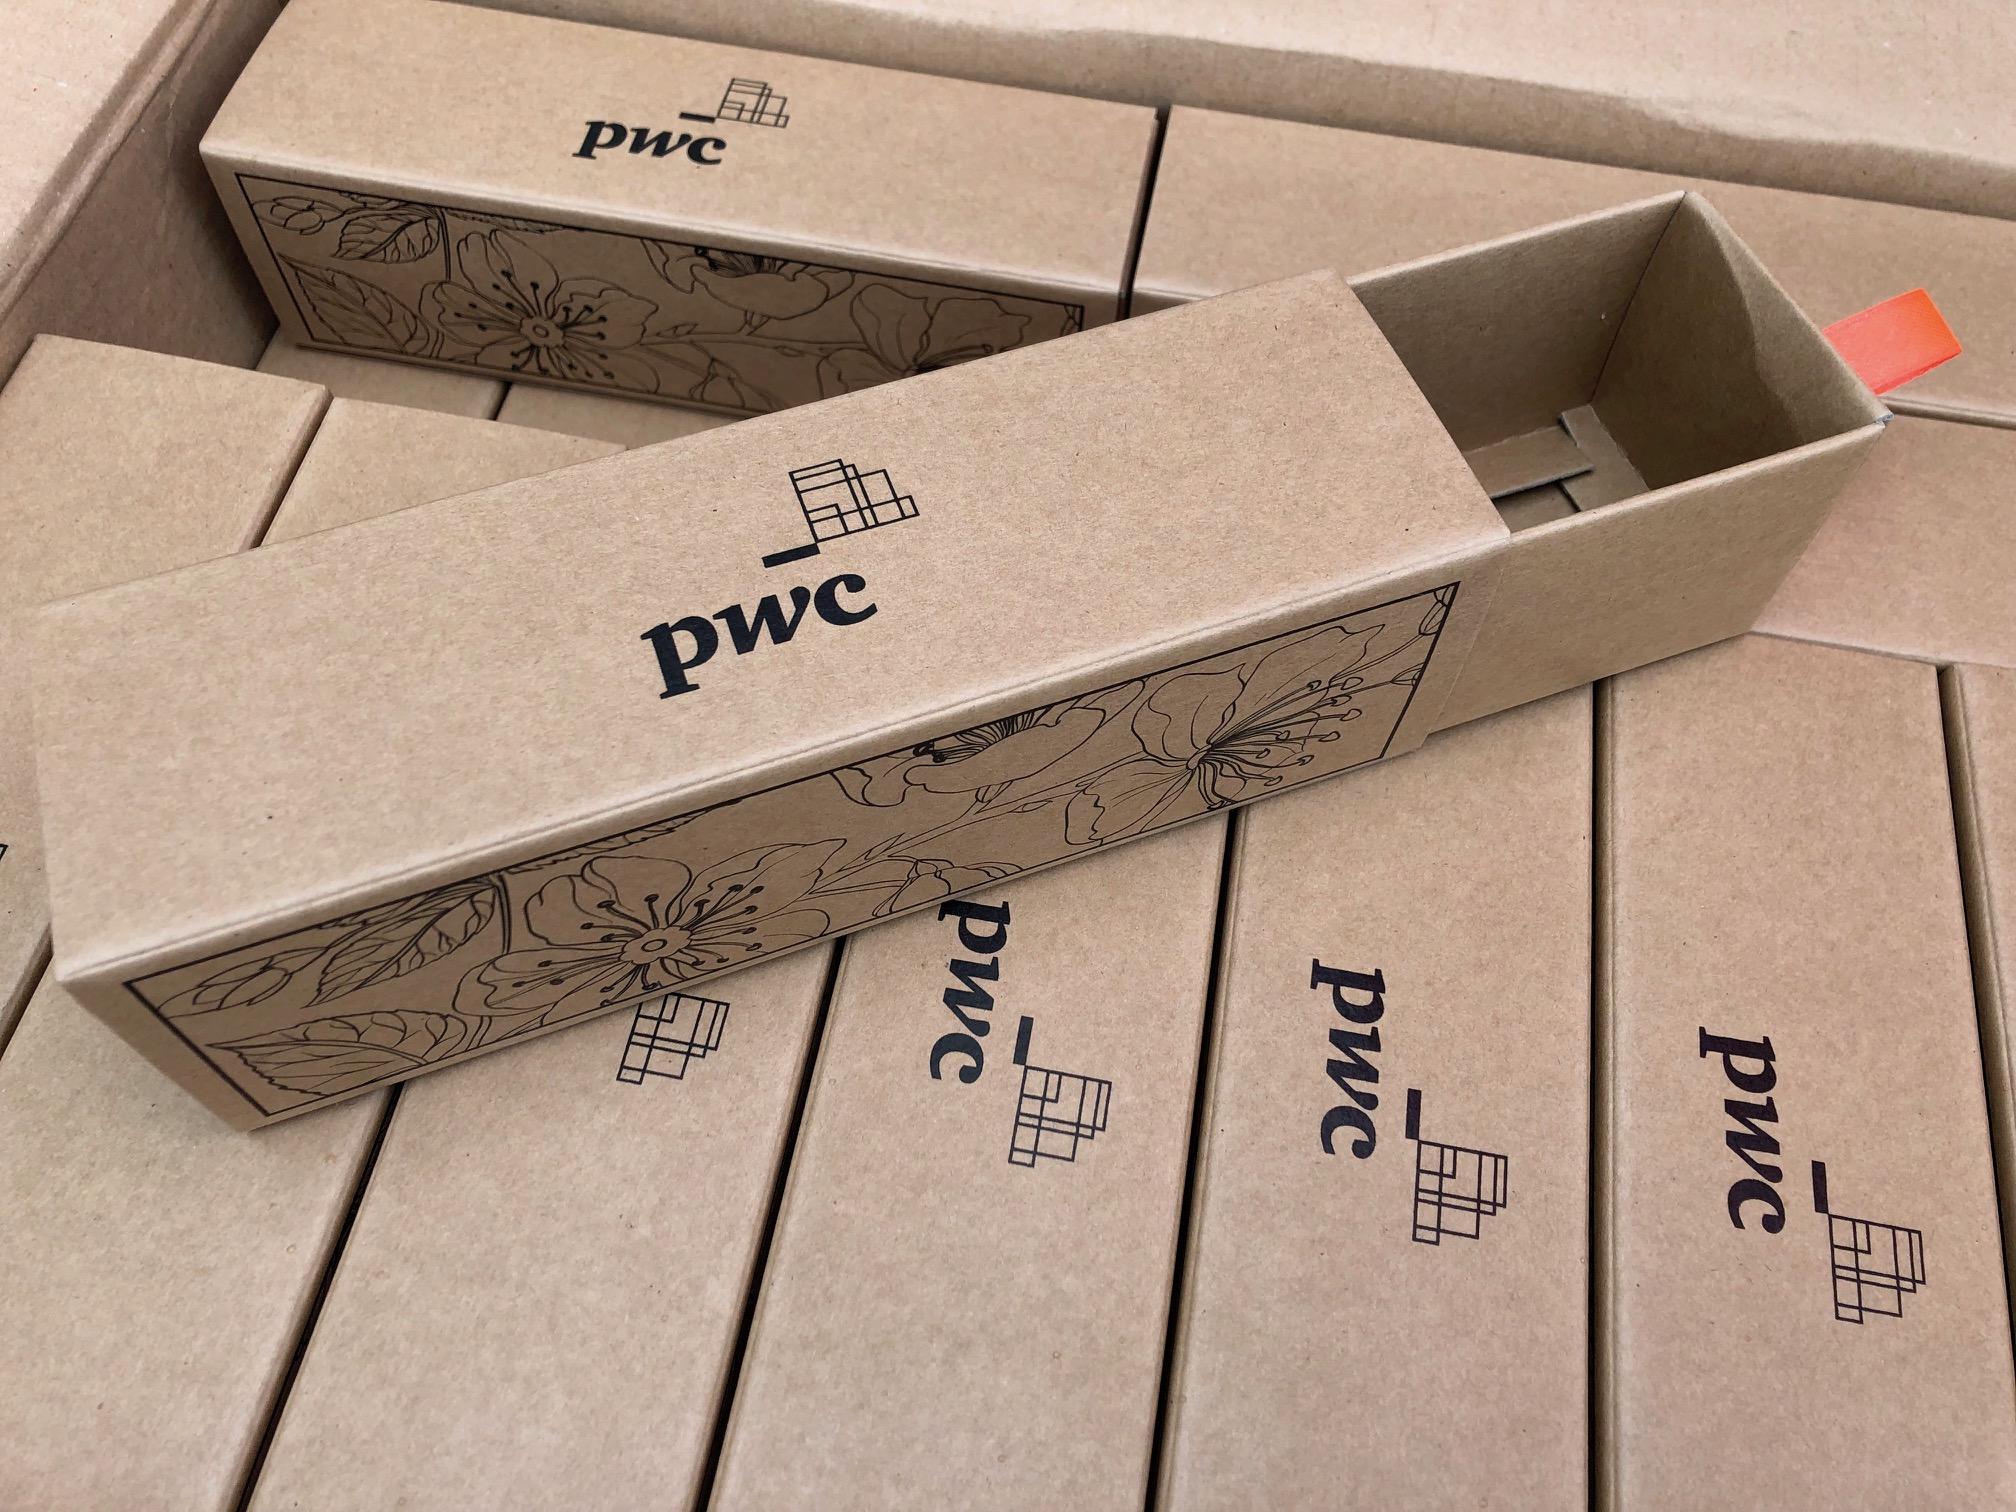 Подарочная коробочка для сладостей с индивидуальным дизайном PwC